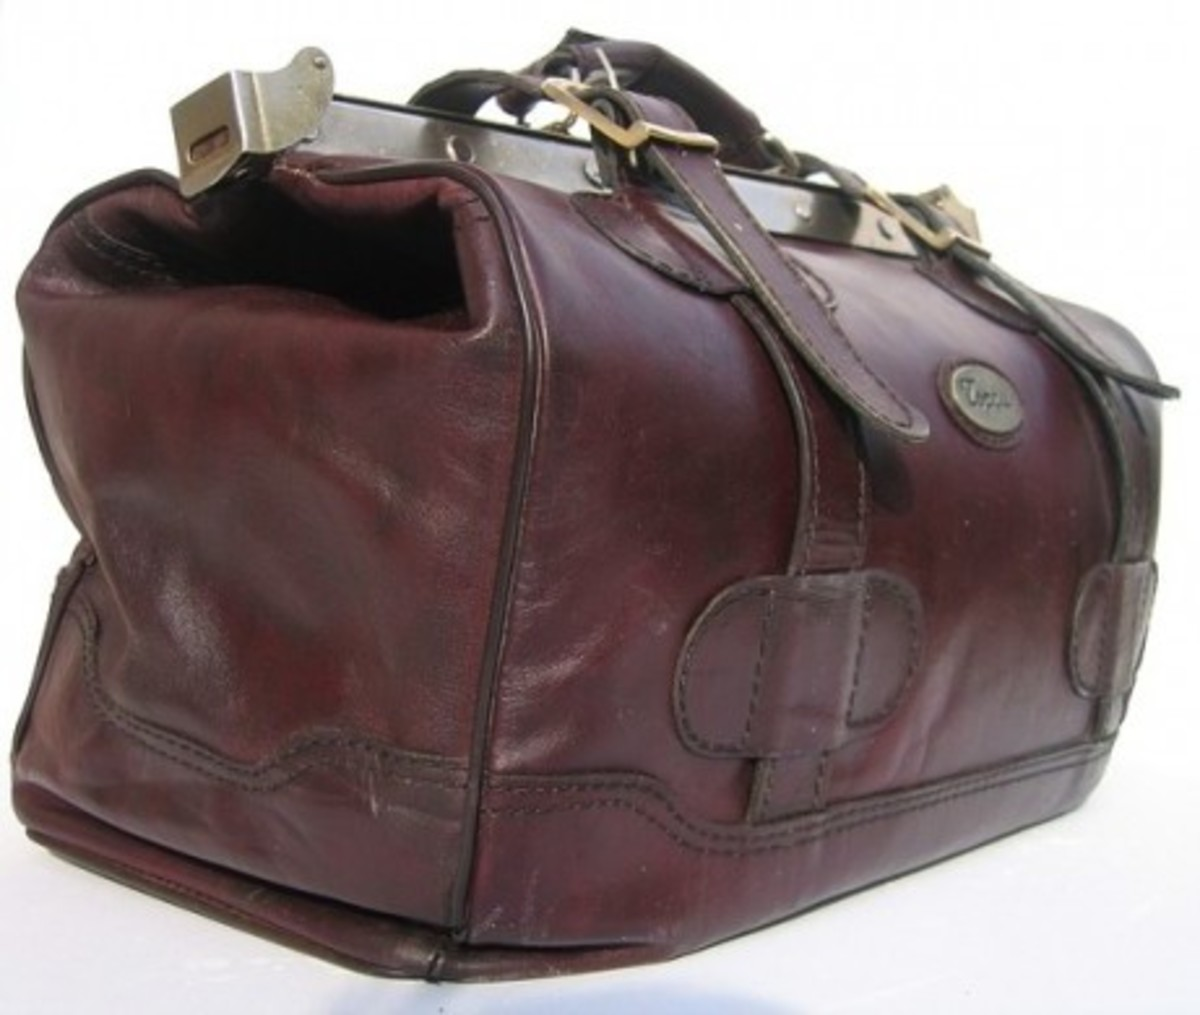 Jack's Baggage